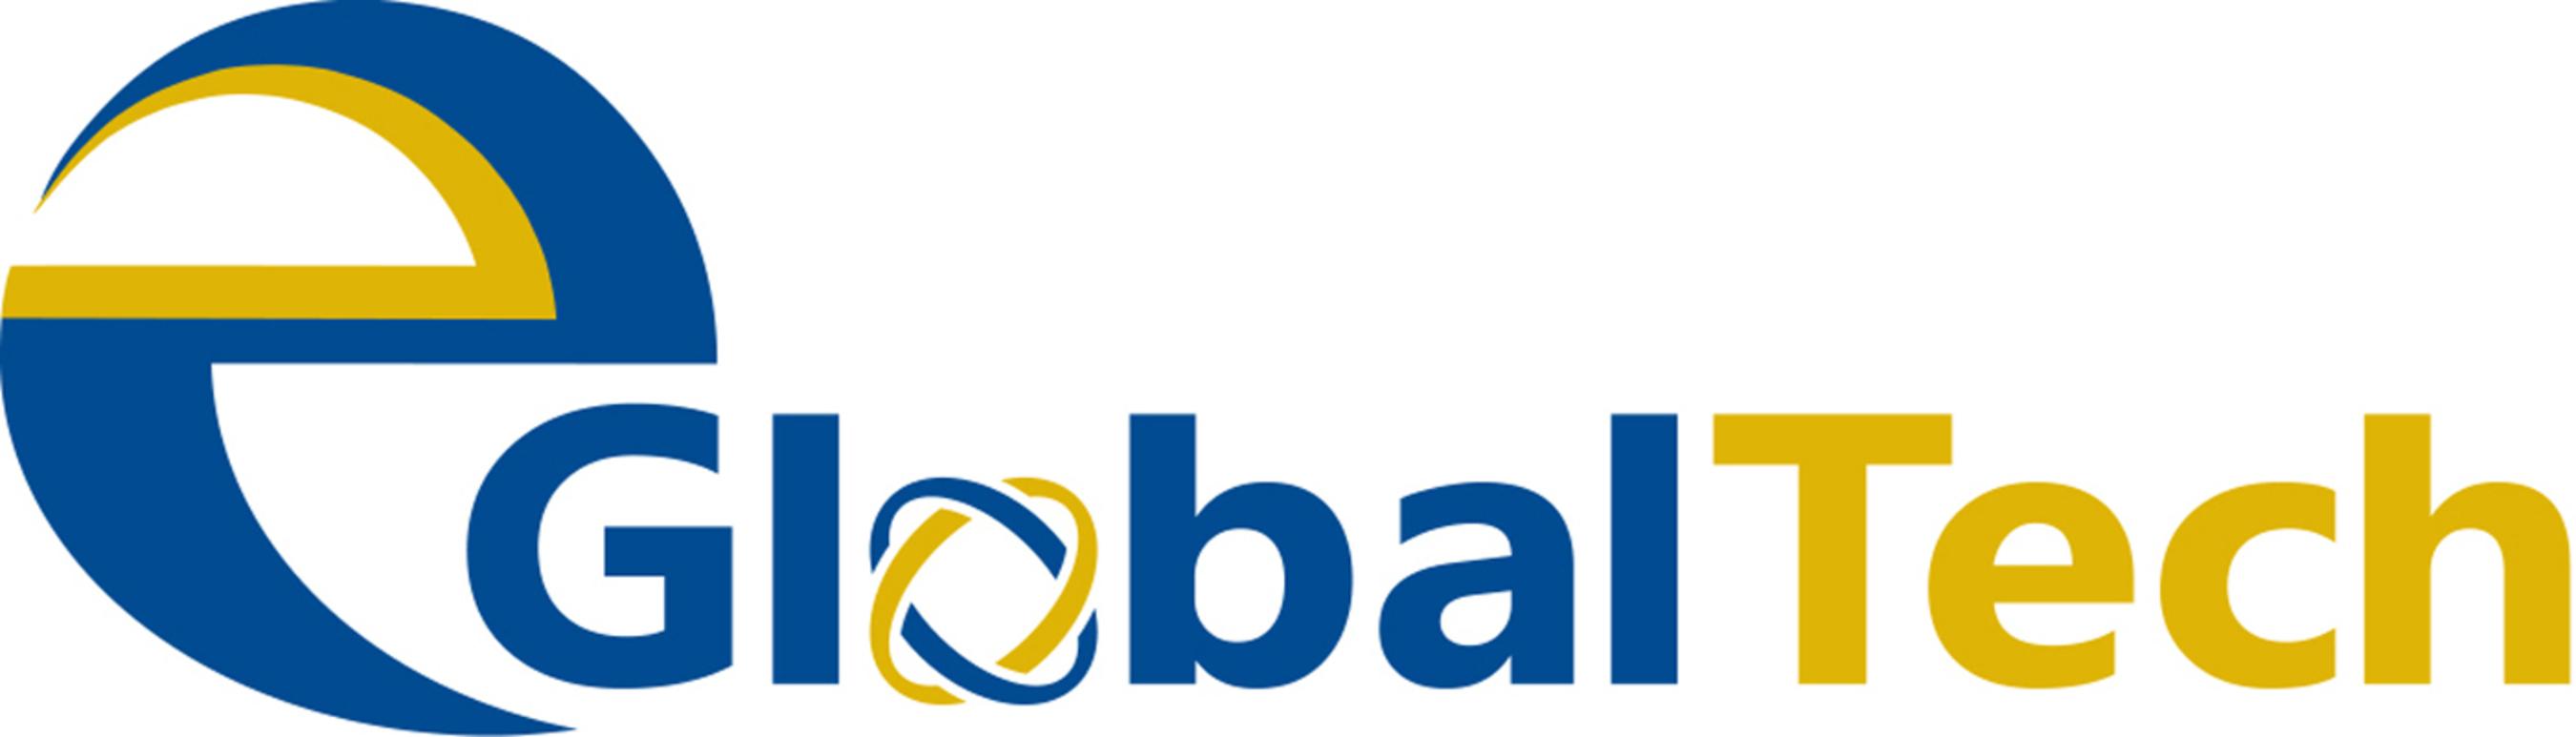 EGLOBALTECH Logo.